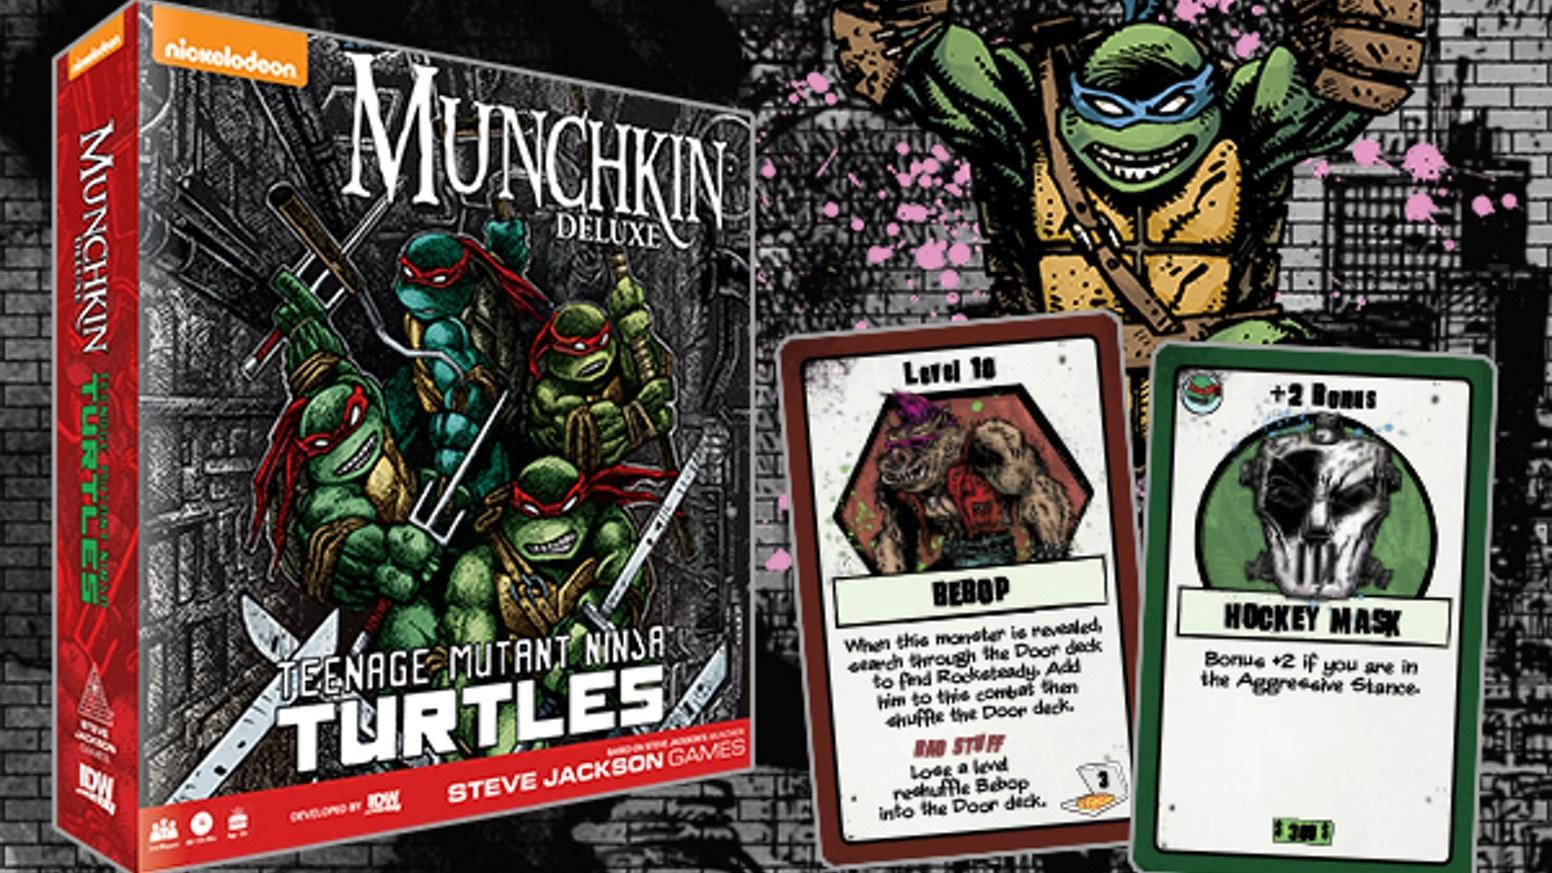 Munchkin Teenage Mutant Ninja Turtles (TMNT)